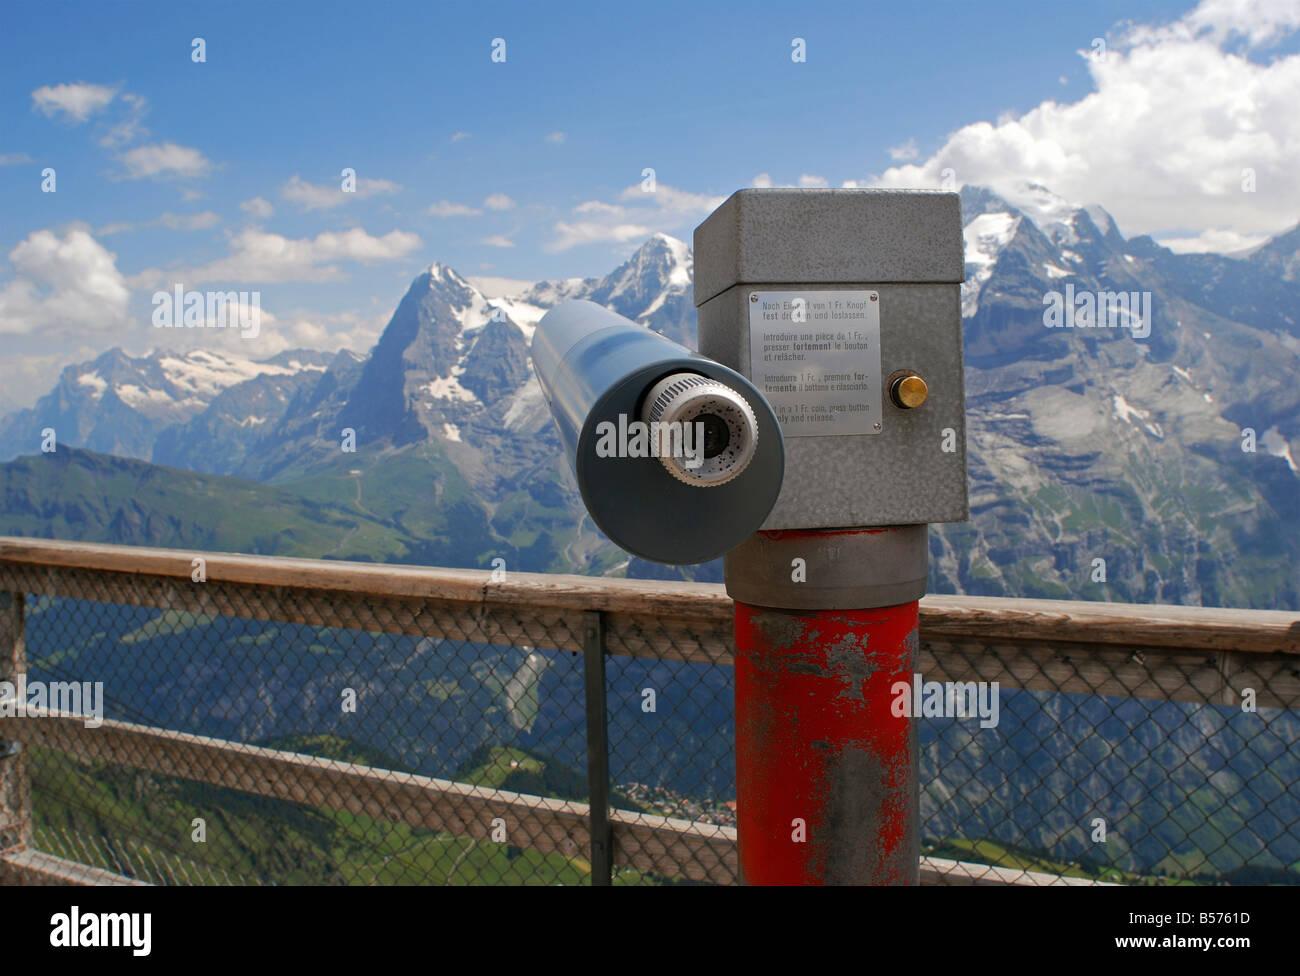 Teleskop eiger monch und jungfraujoch berge der schweiz stockfoto